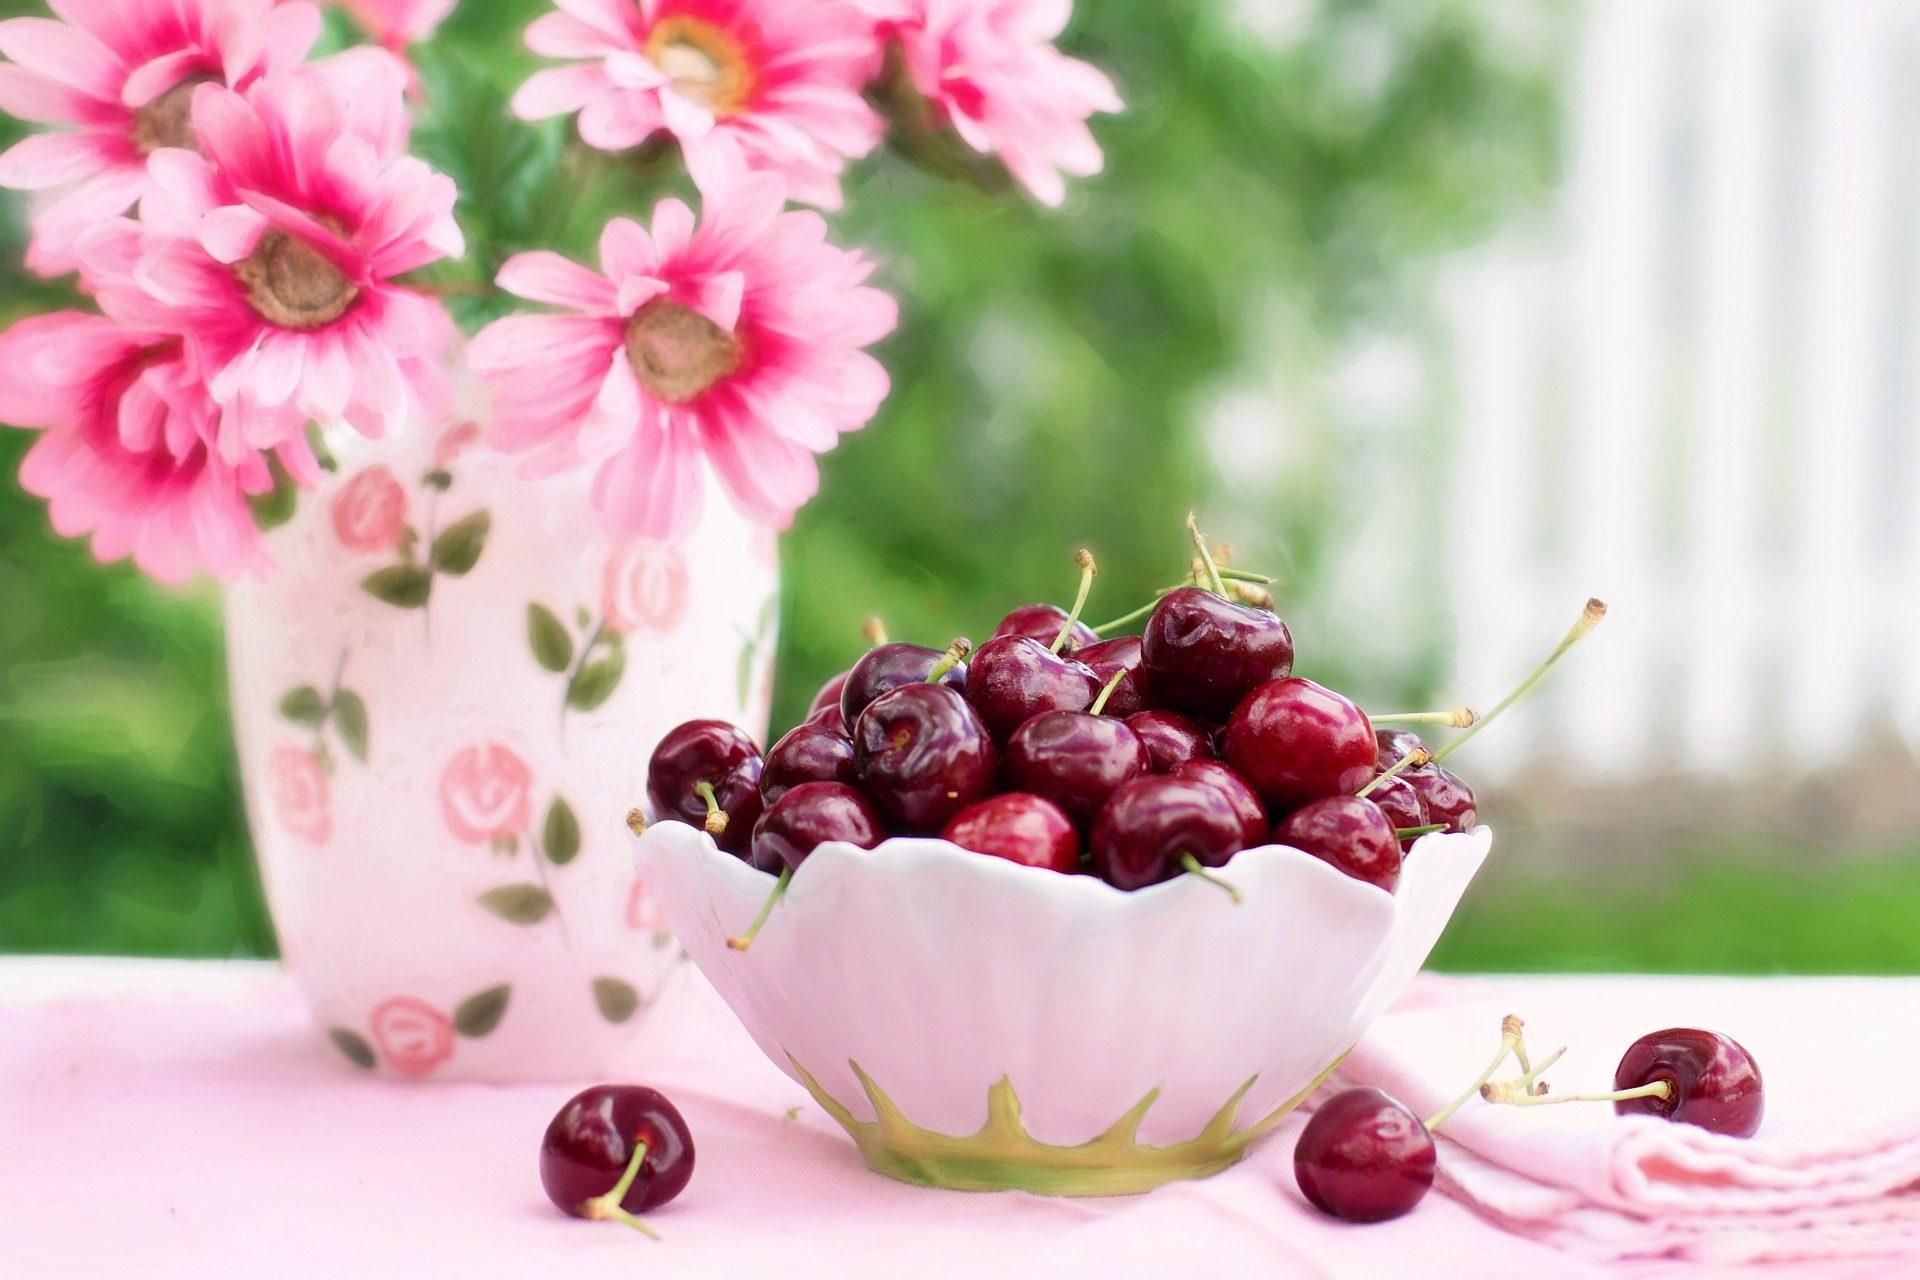 ciliegie, frutta, fiori, Ciotola, Rosa - Sfondi HD - Professor-falken.com